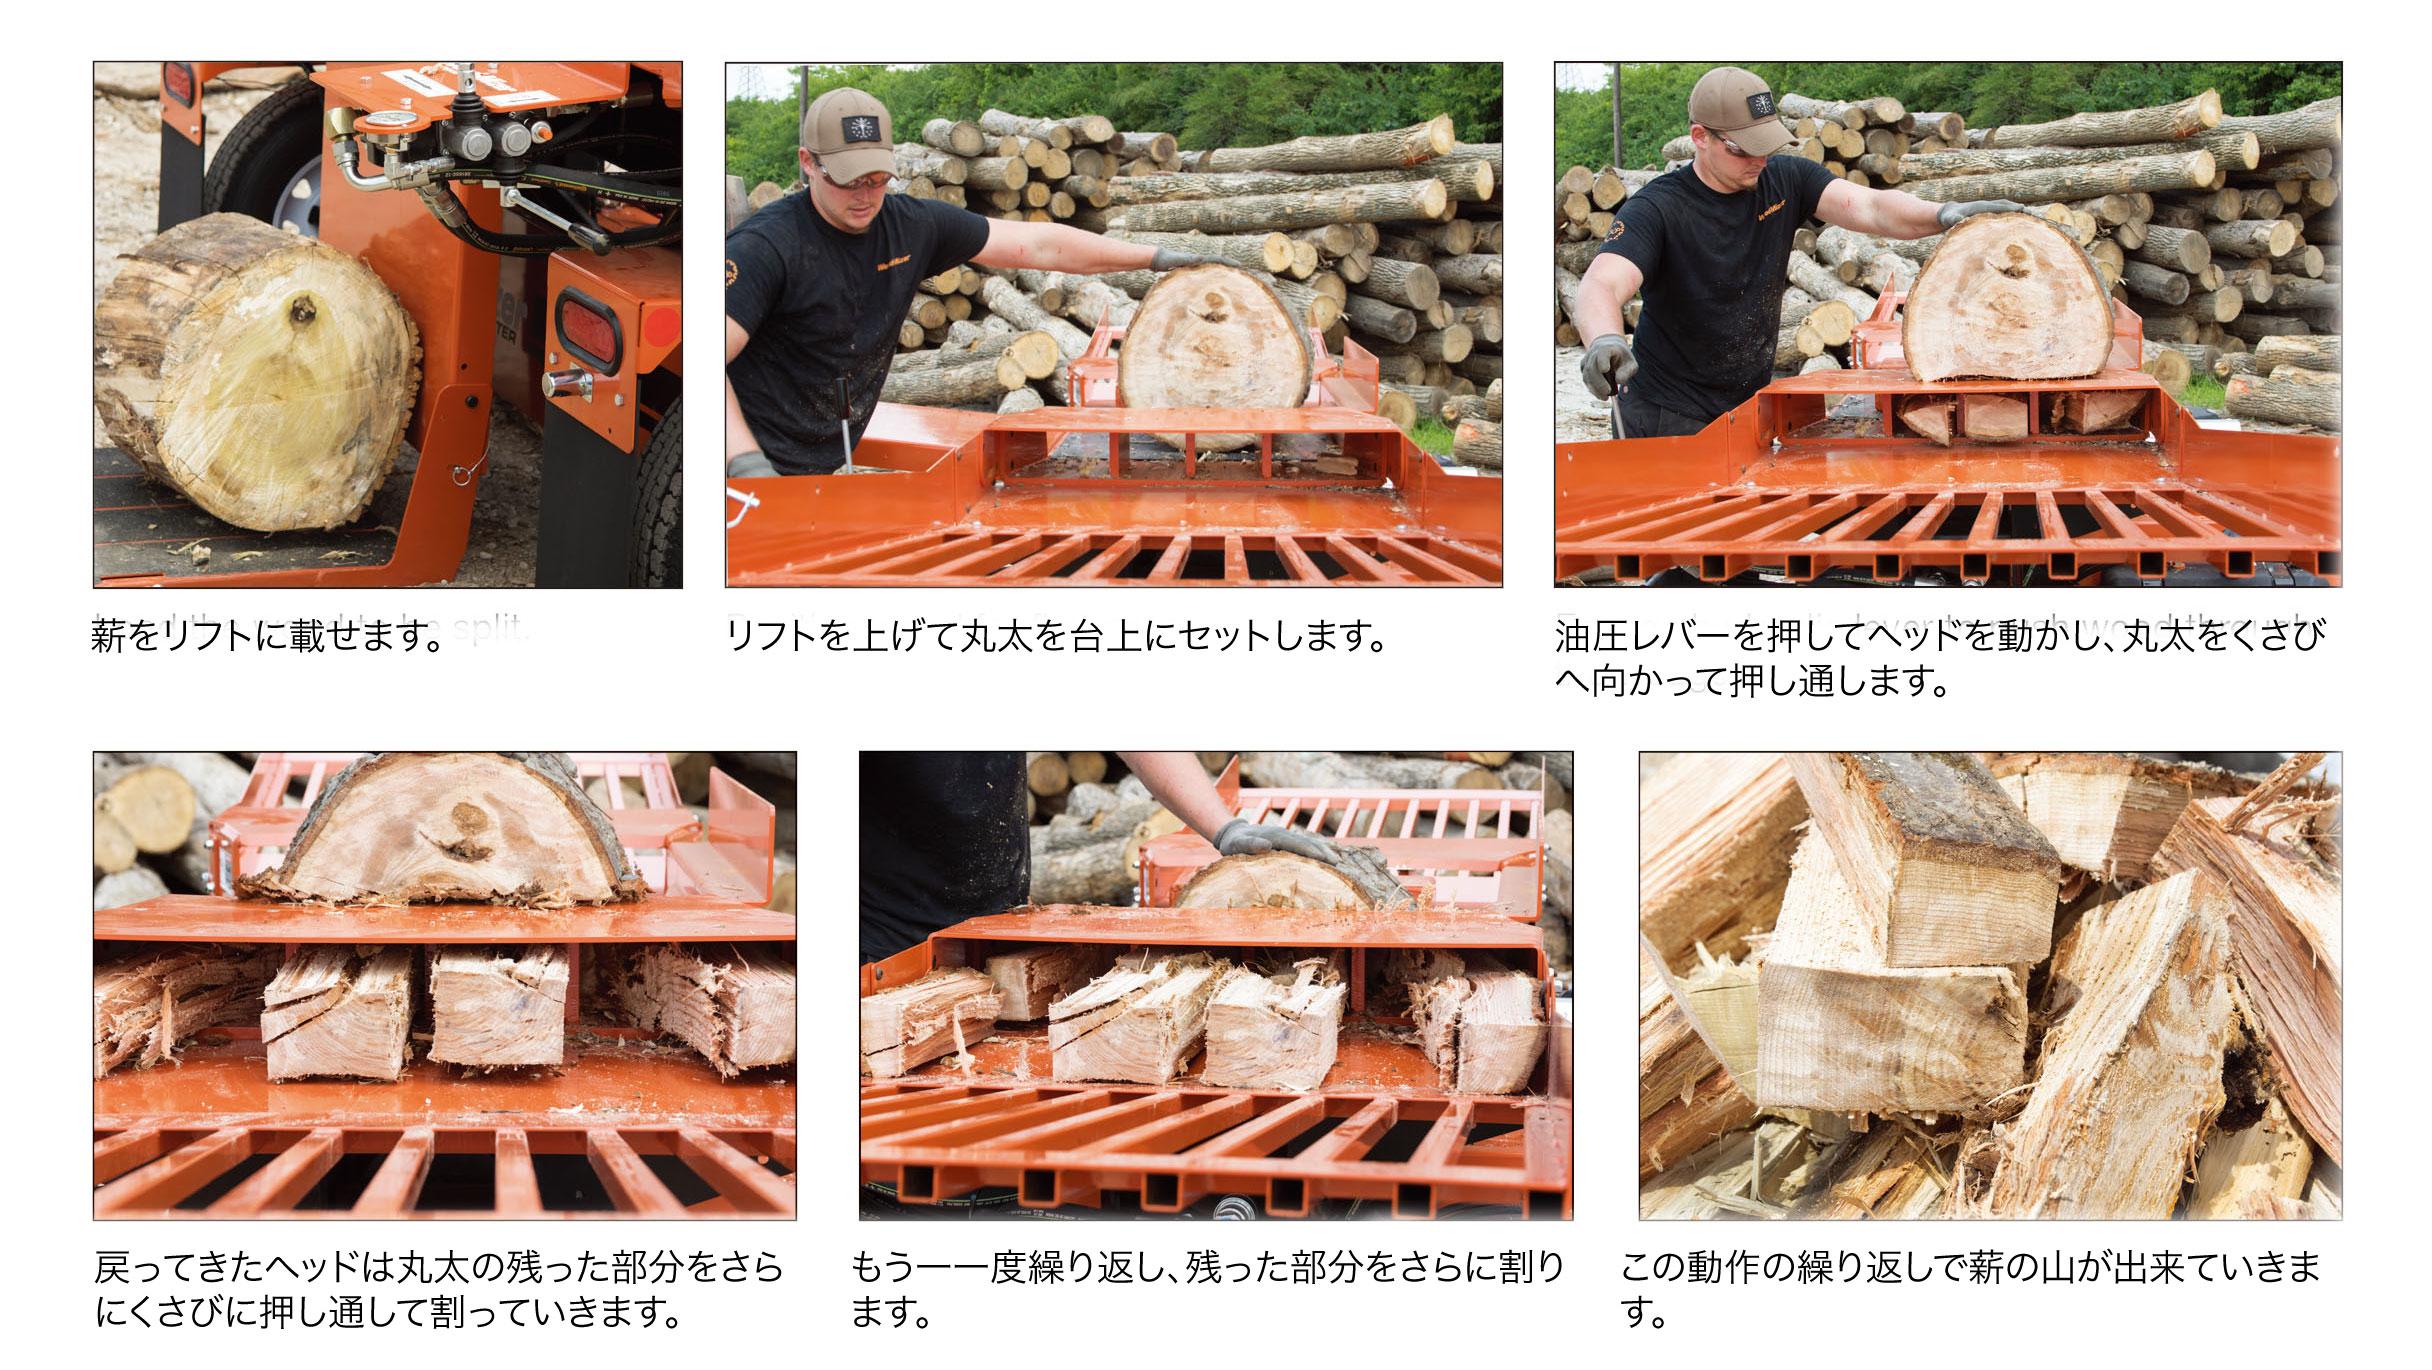 woodmizer-fs500-catalogedit-01